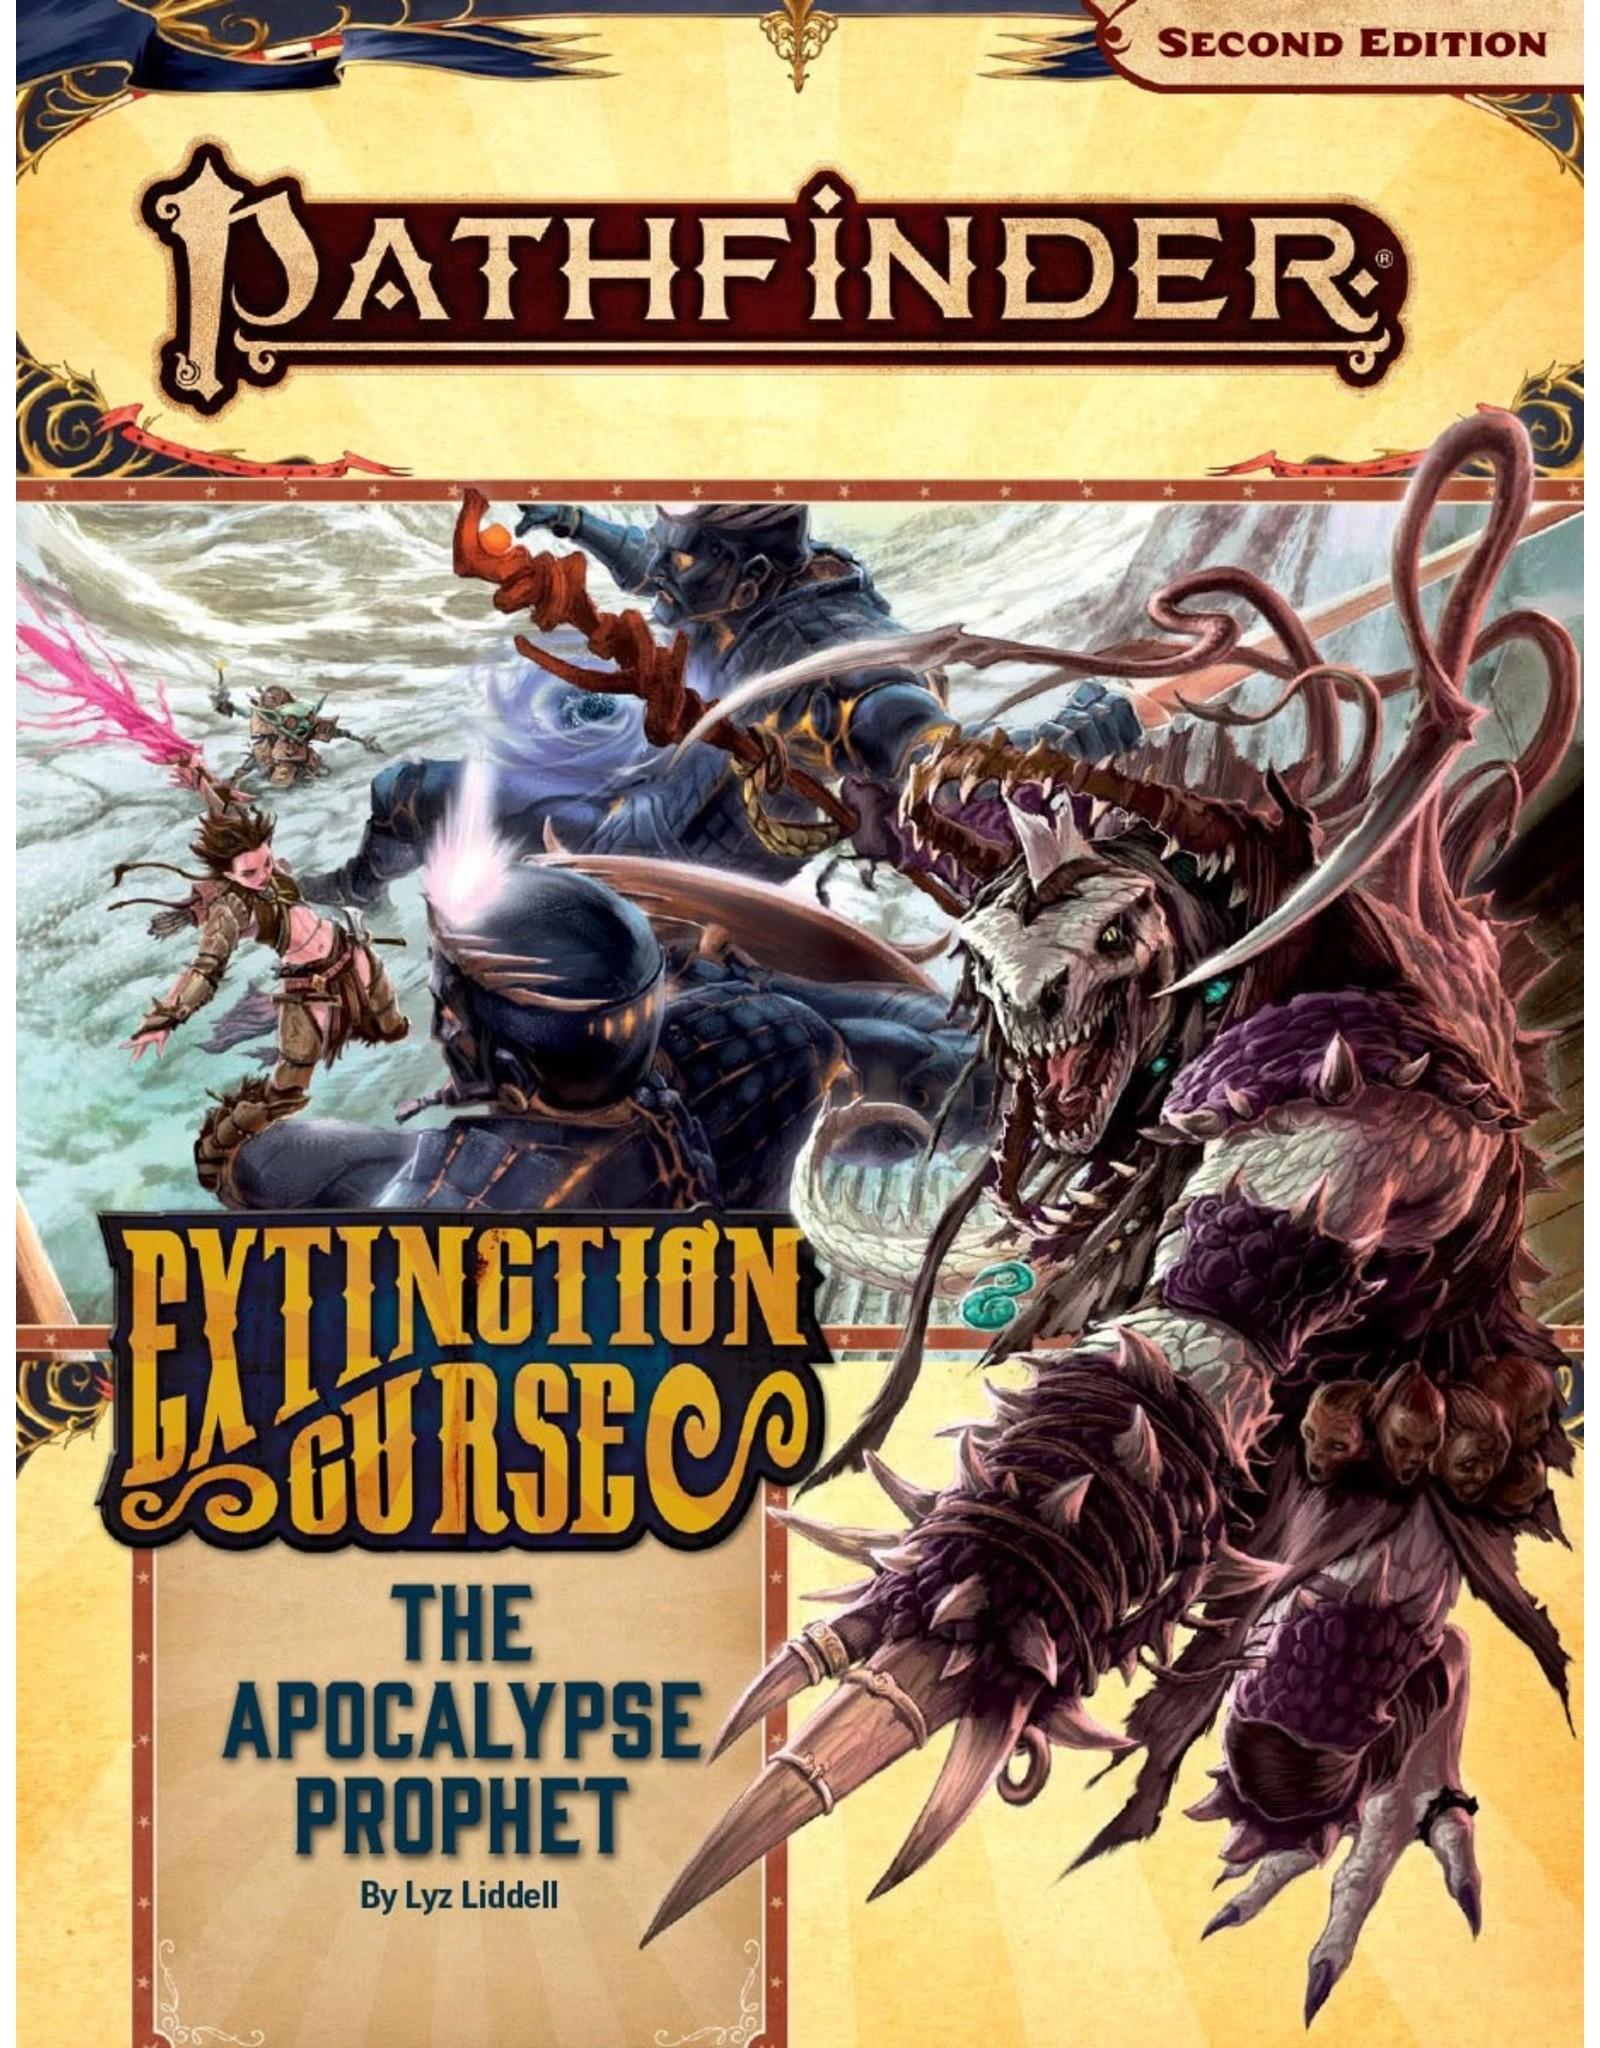 Paizo Pathfinder 2E: Extinction Curse - Apocalypse Prophet